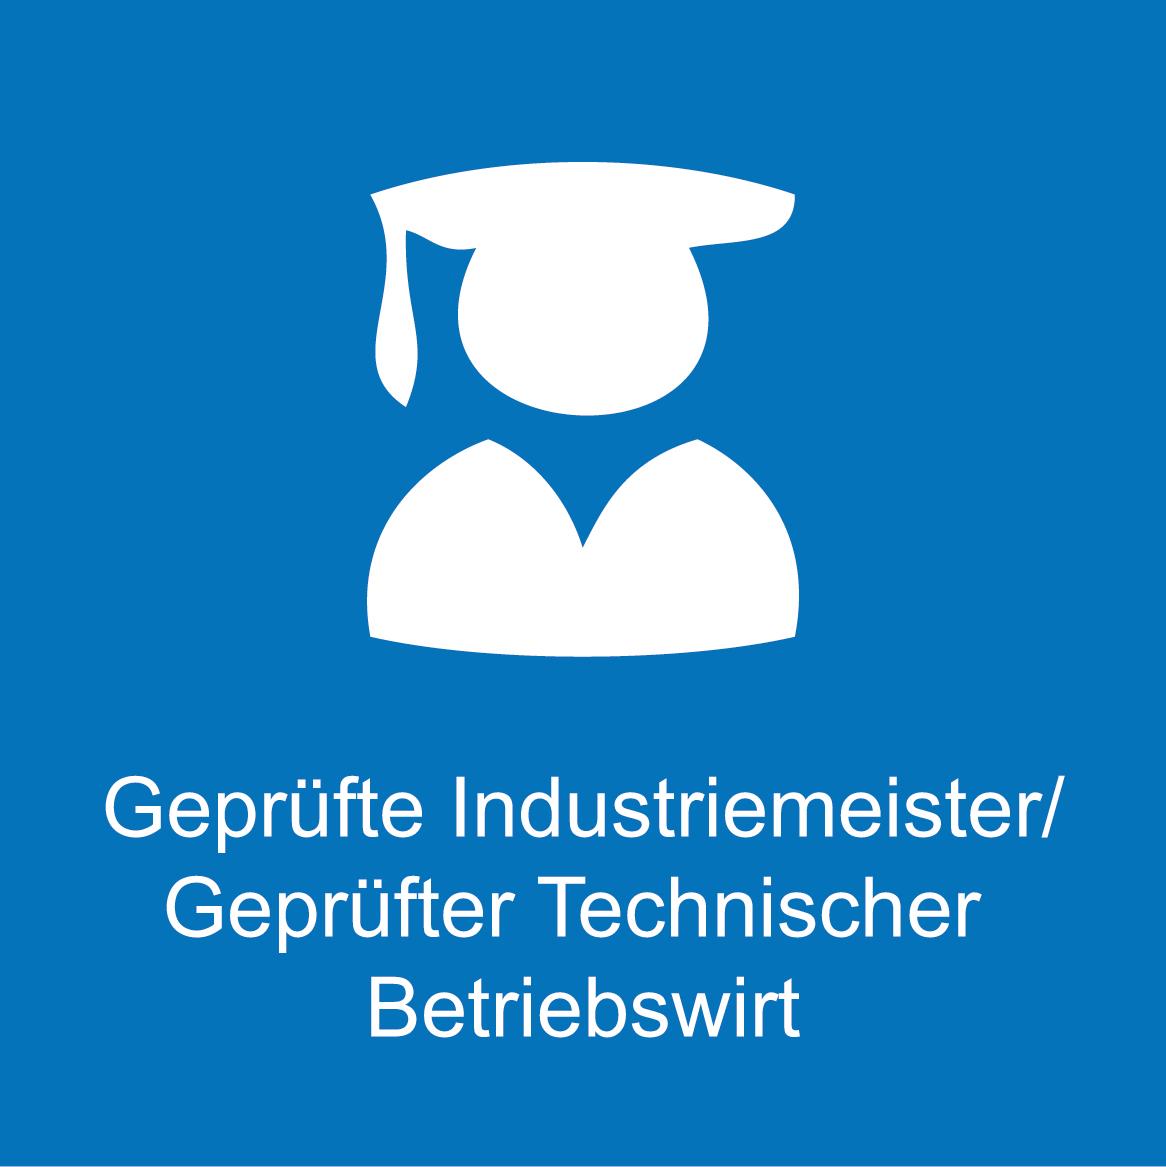 Weiterbildung - Geprüfte Industriemeister/Geprüfter Technischer Betriebswirt